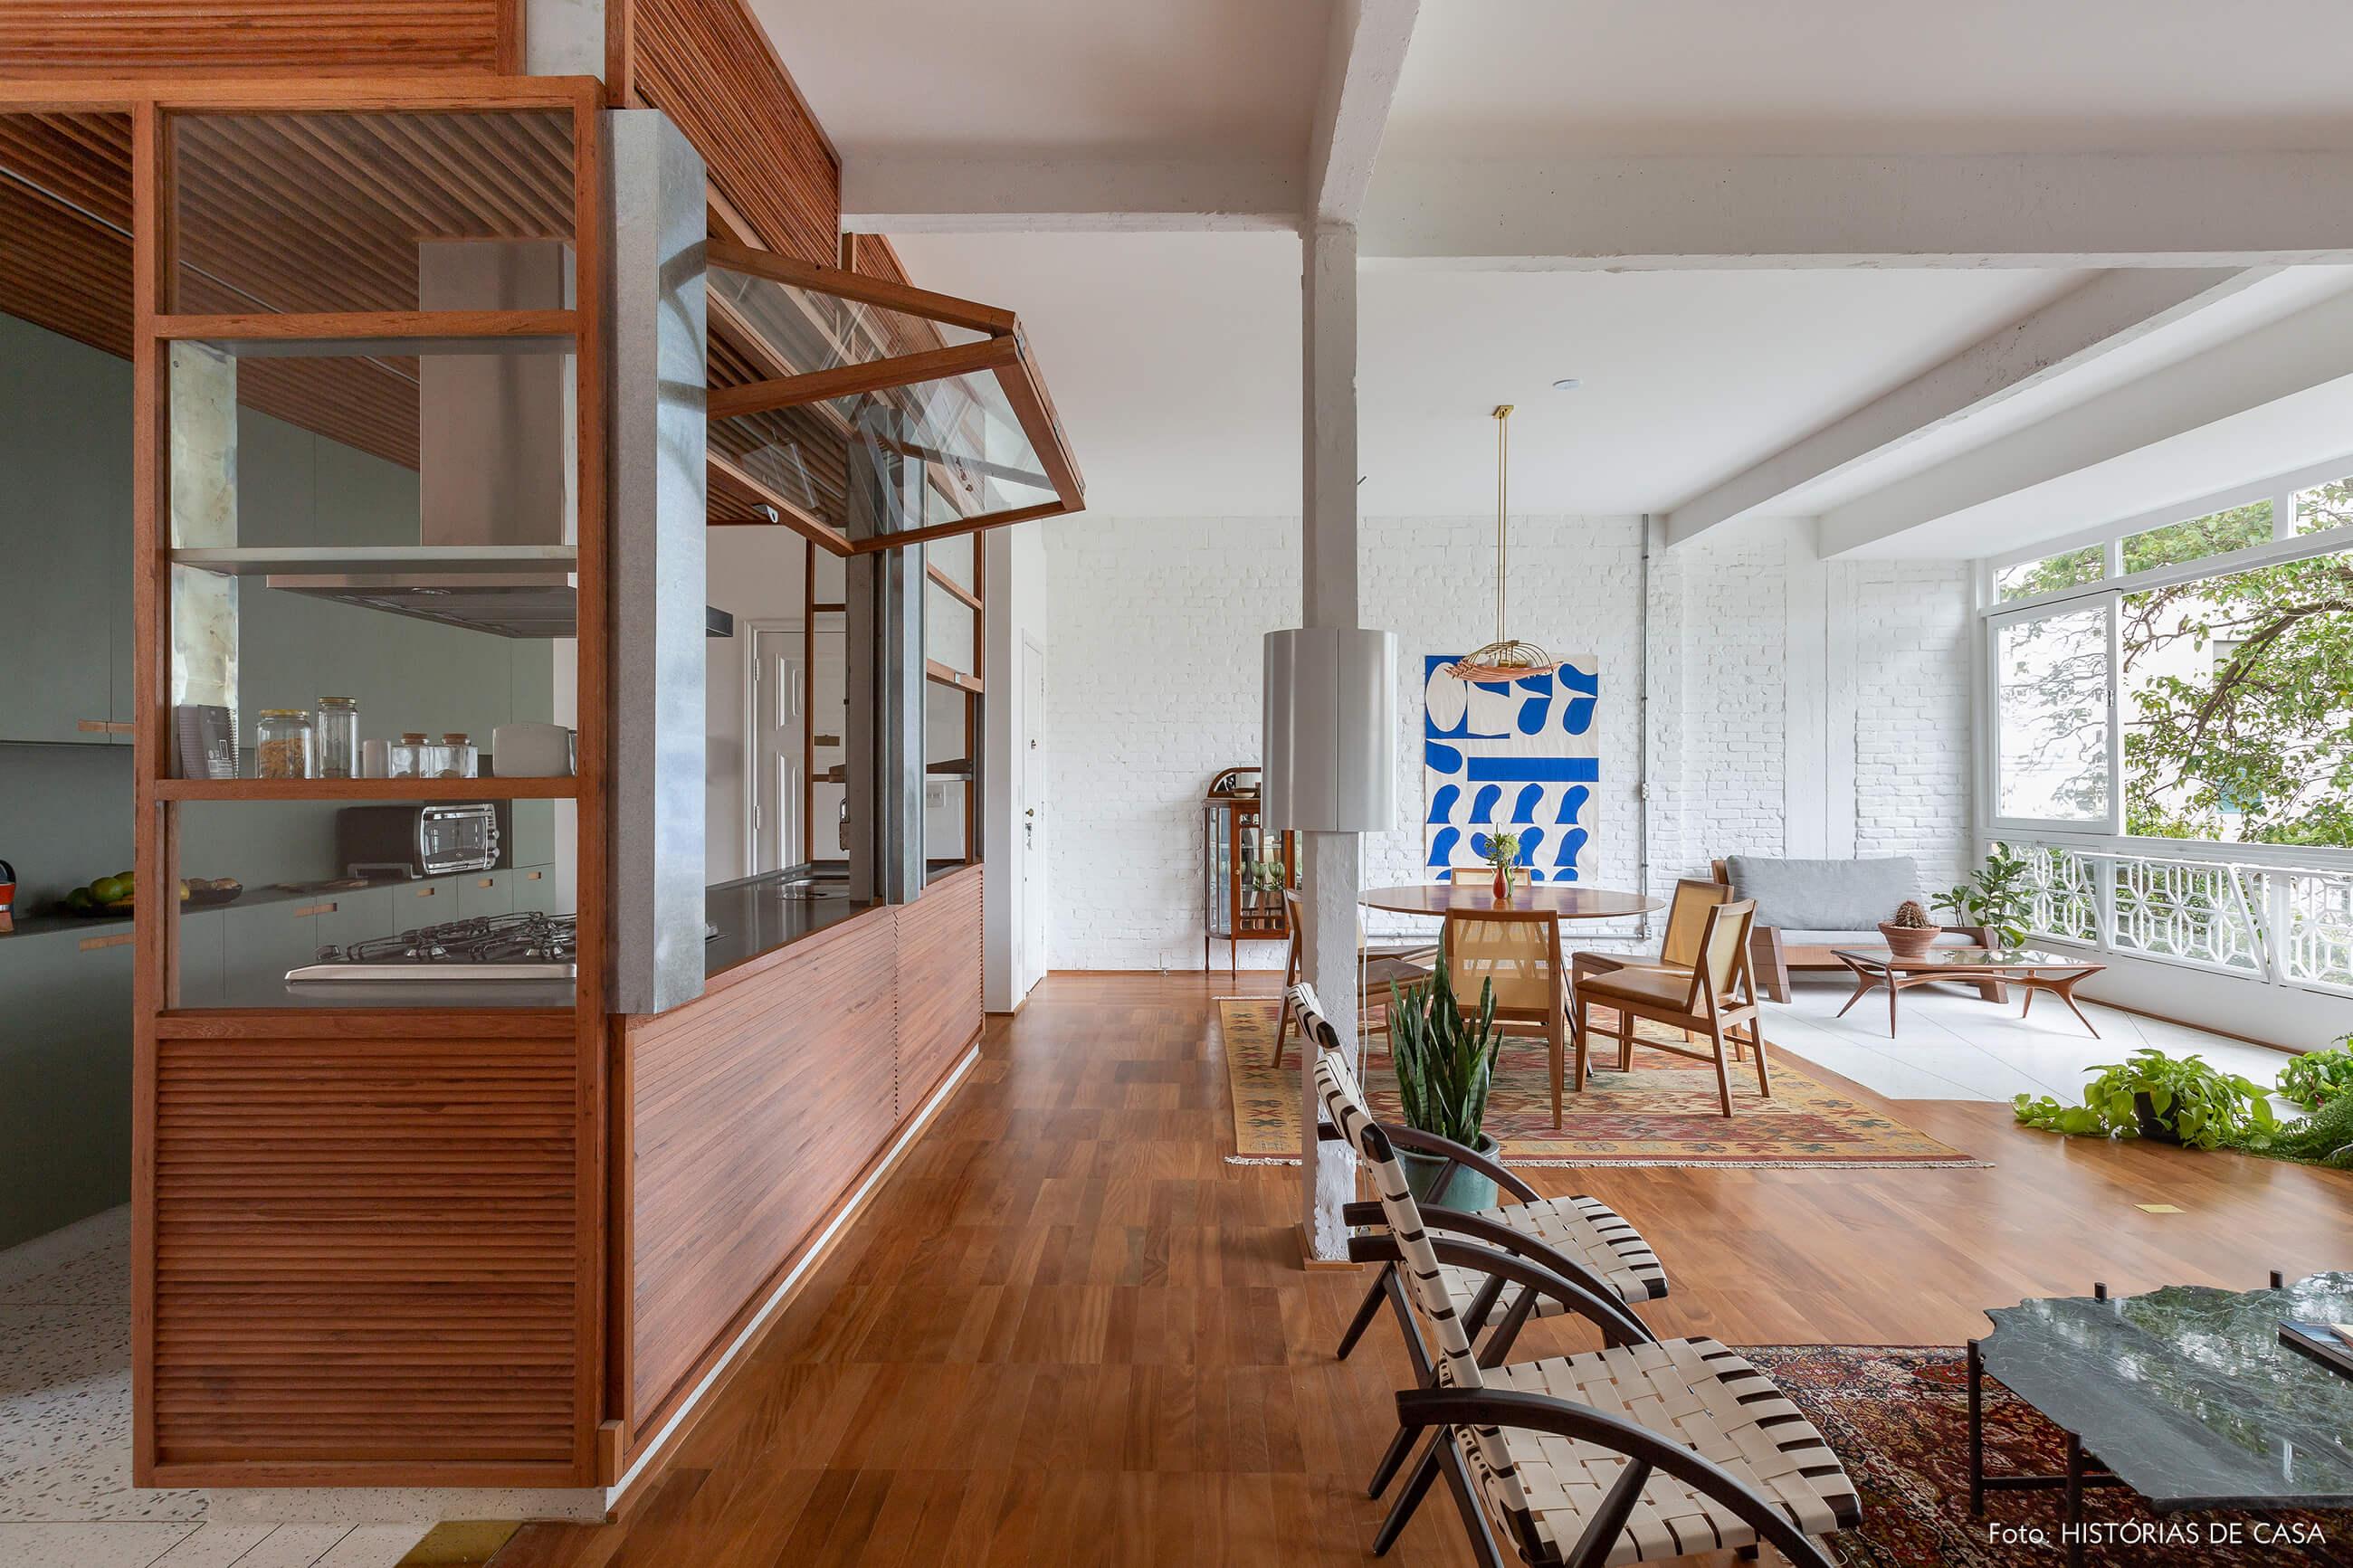 Apartamento reformado com cozinha integrada e paredes de tijolinho branco